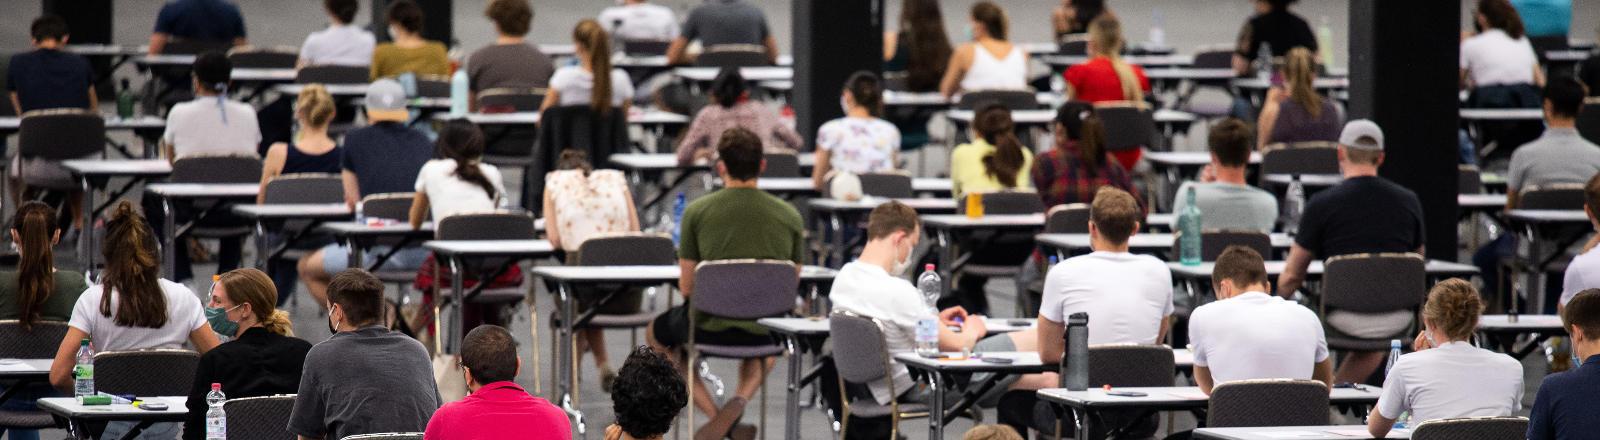 Studierende nehmen in einer Messehalle an einer Prüfung teil